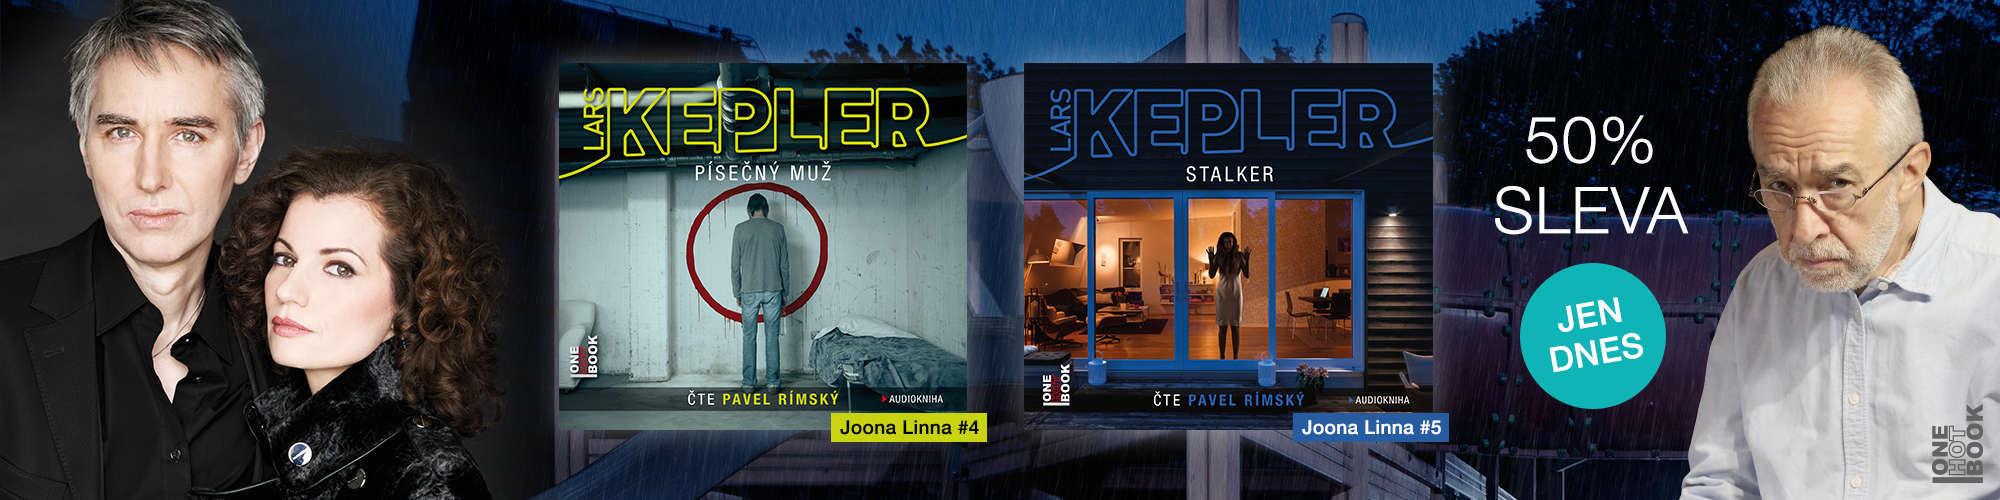 Kepler pondělí